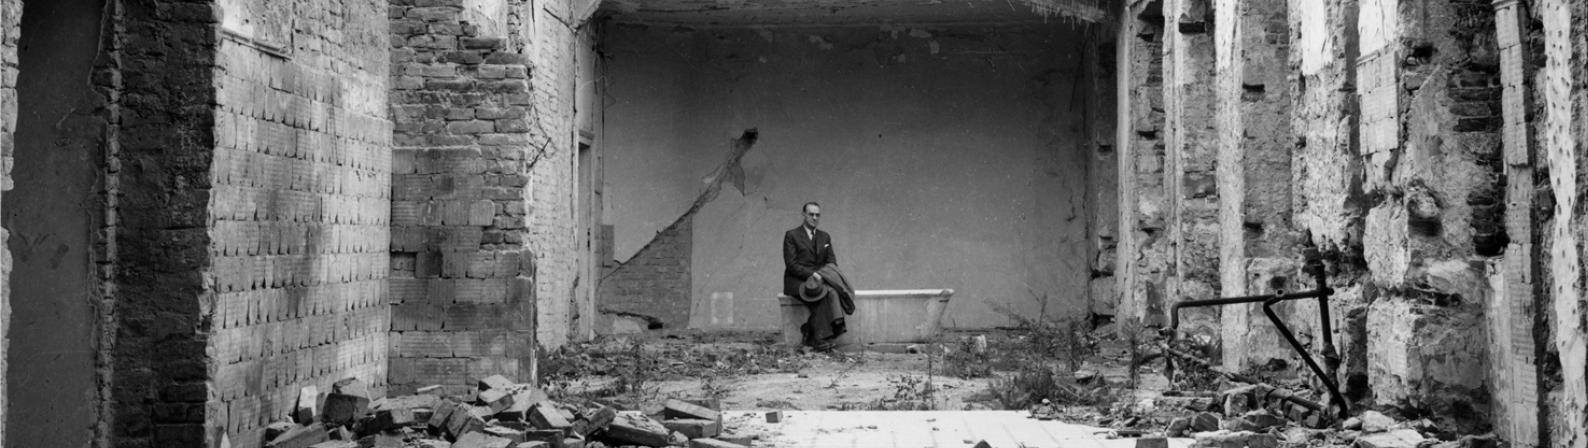 Vortrag: Carl Lutz und die Rettung ungarischer Juden